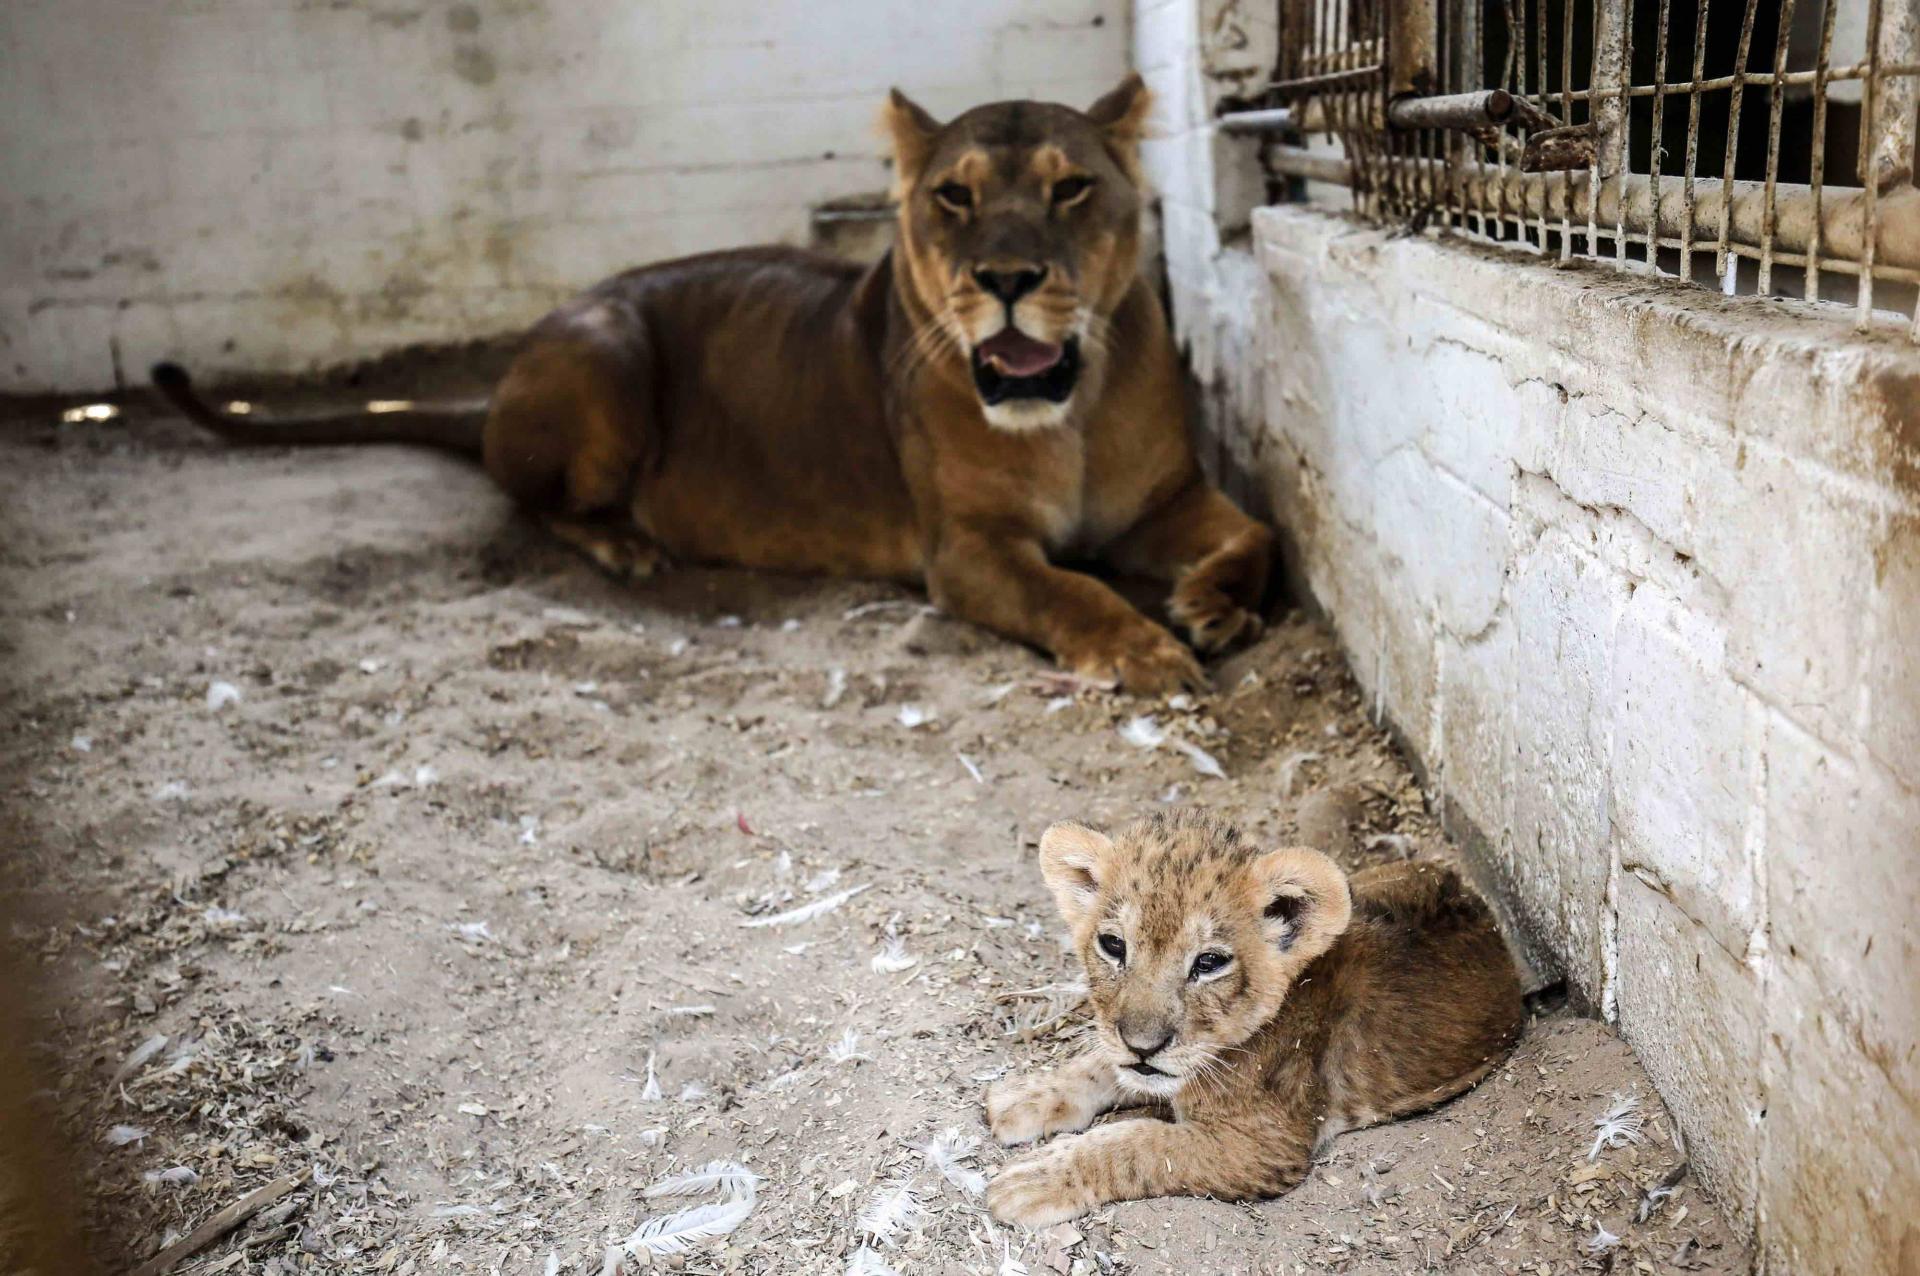 Zoológico 'preocupante' reabre em Gaza meses depois de fechar